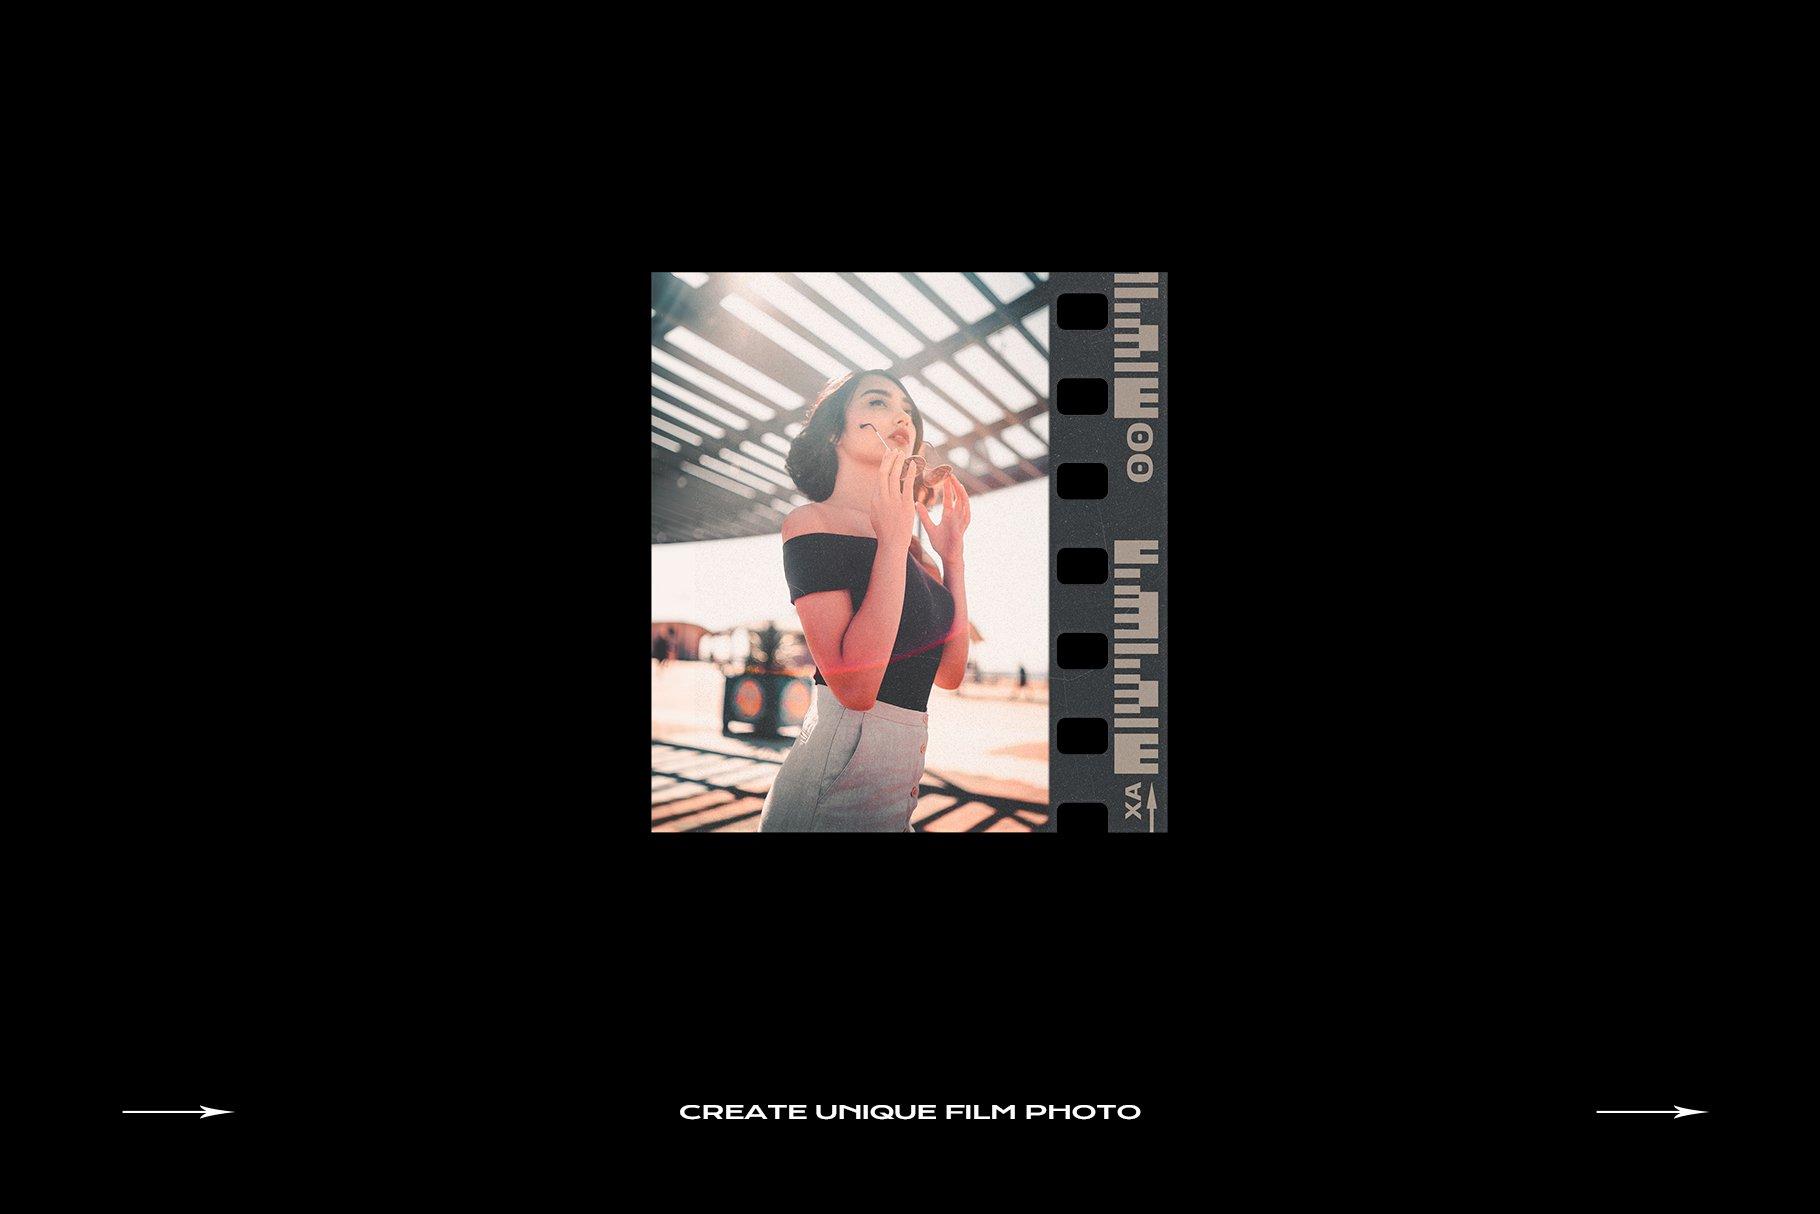 120款复古质感胶卷底片相片边框特效滤镜样机模板 Film Frame Mockup Template Bundle插图(41)